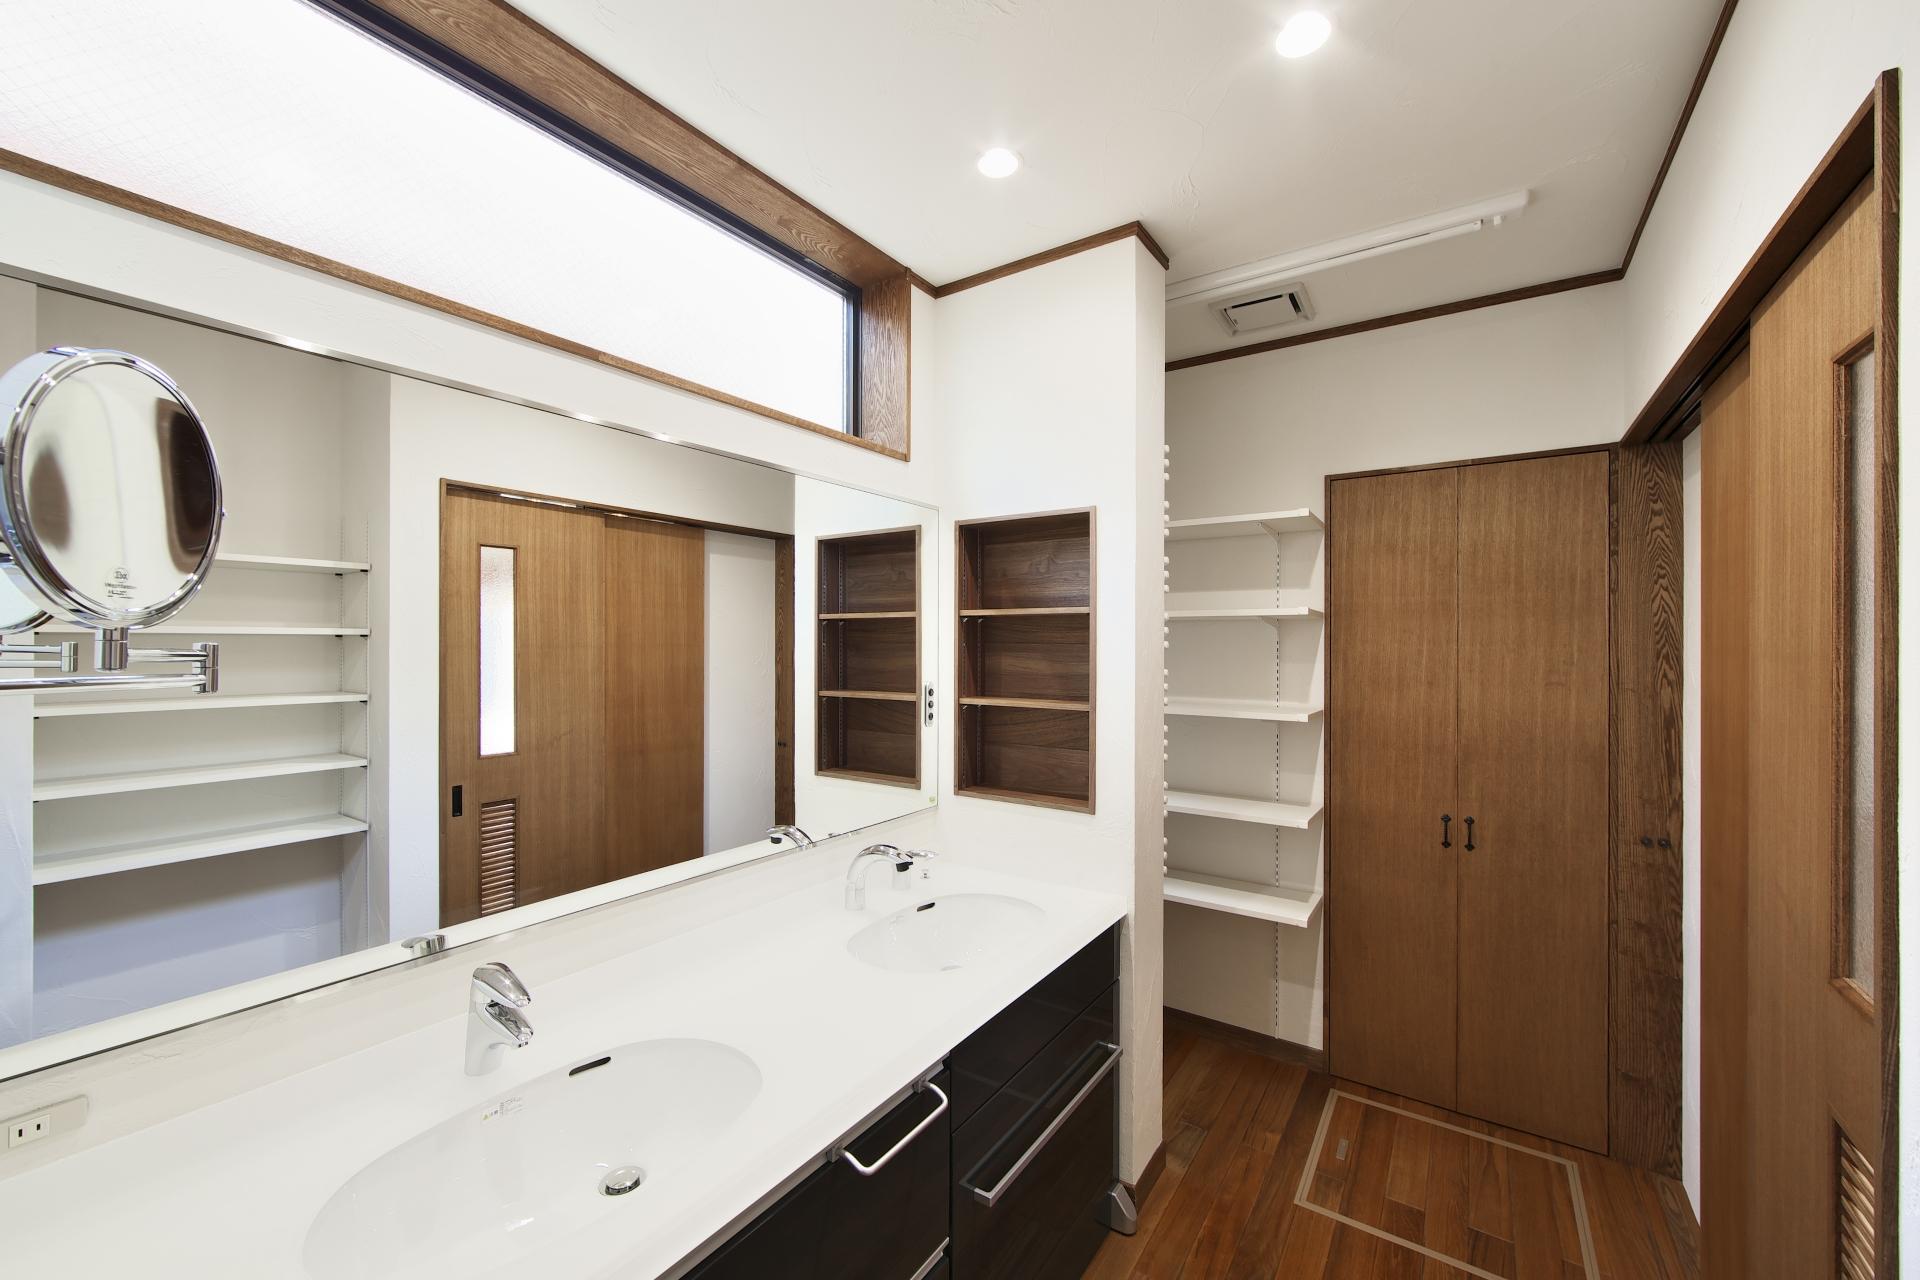 創住環【自然素材、省エネ、高級住宅】2面鏡の大きな洗面台。裏にはタオルウォーマーもあり、生活のしやすさも抜群